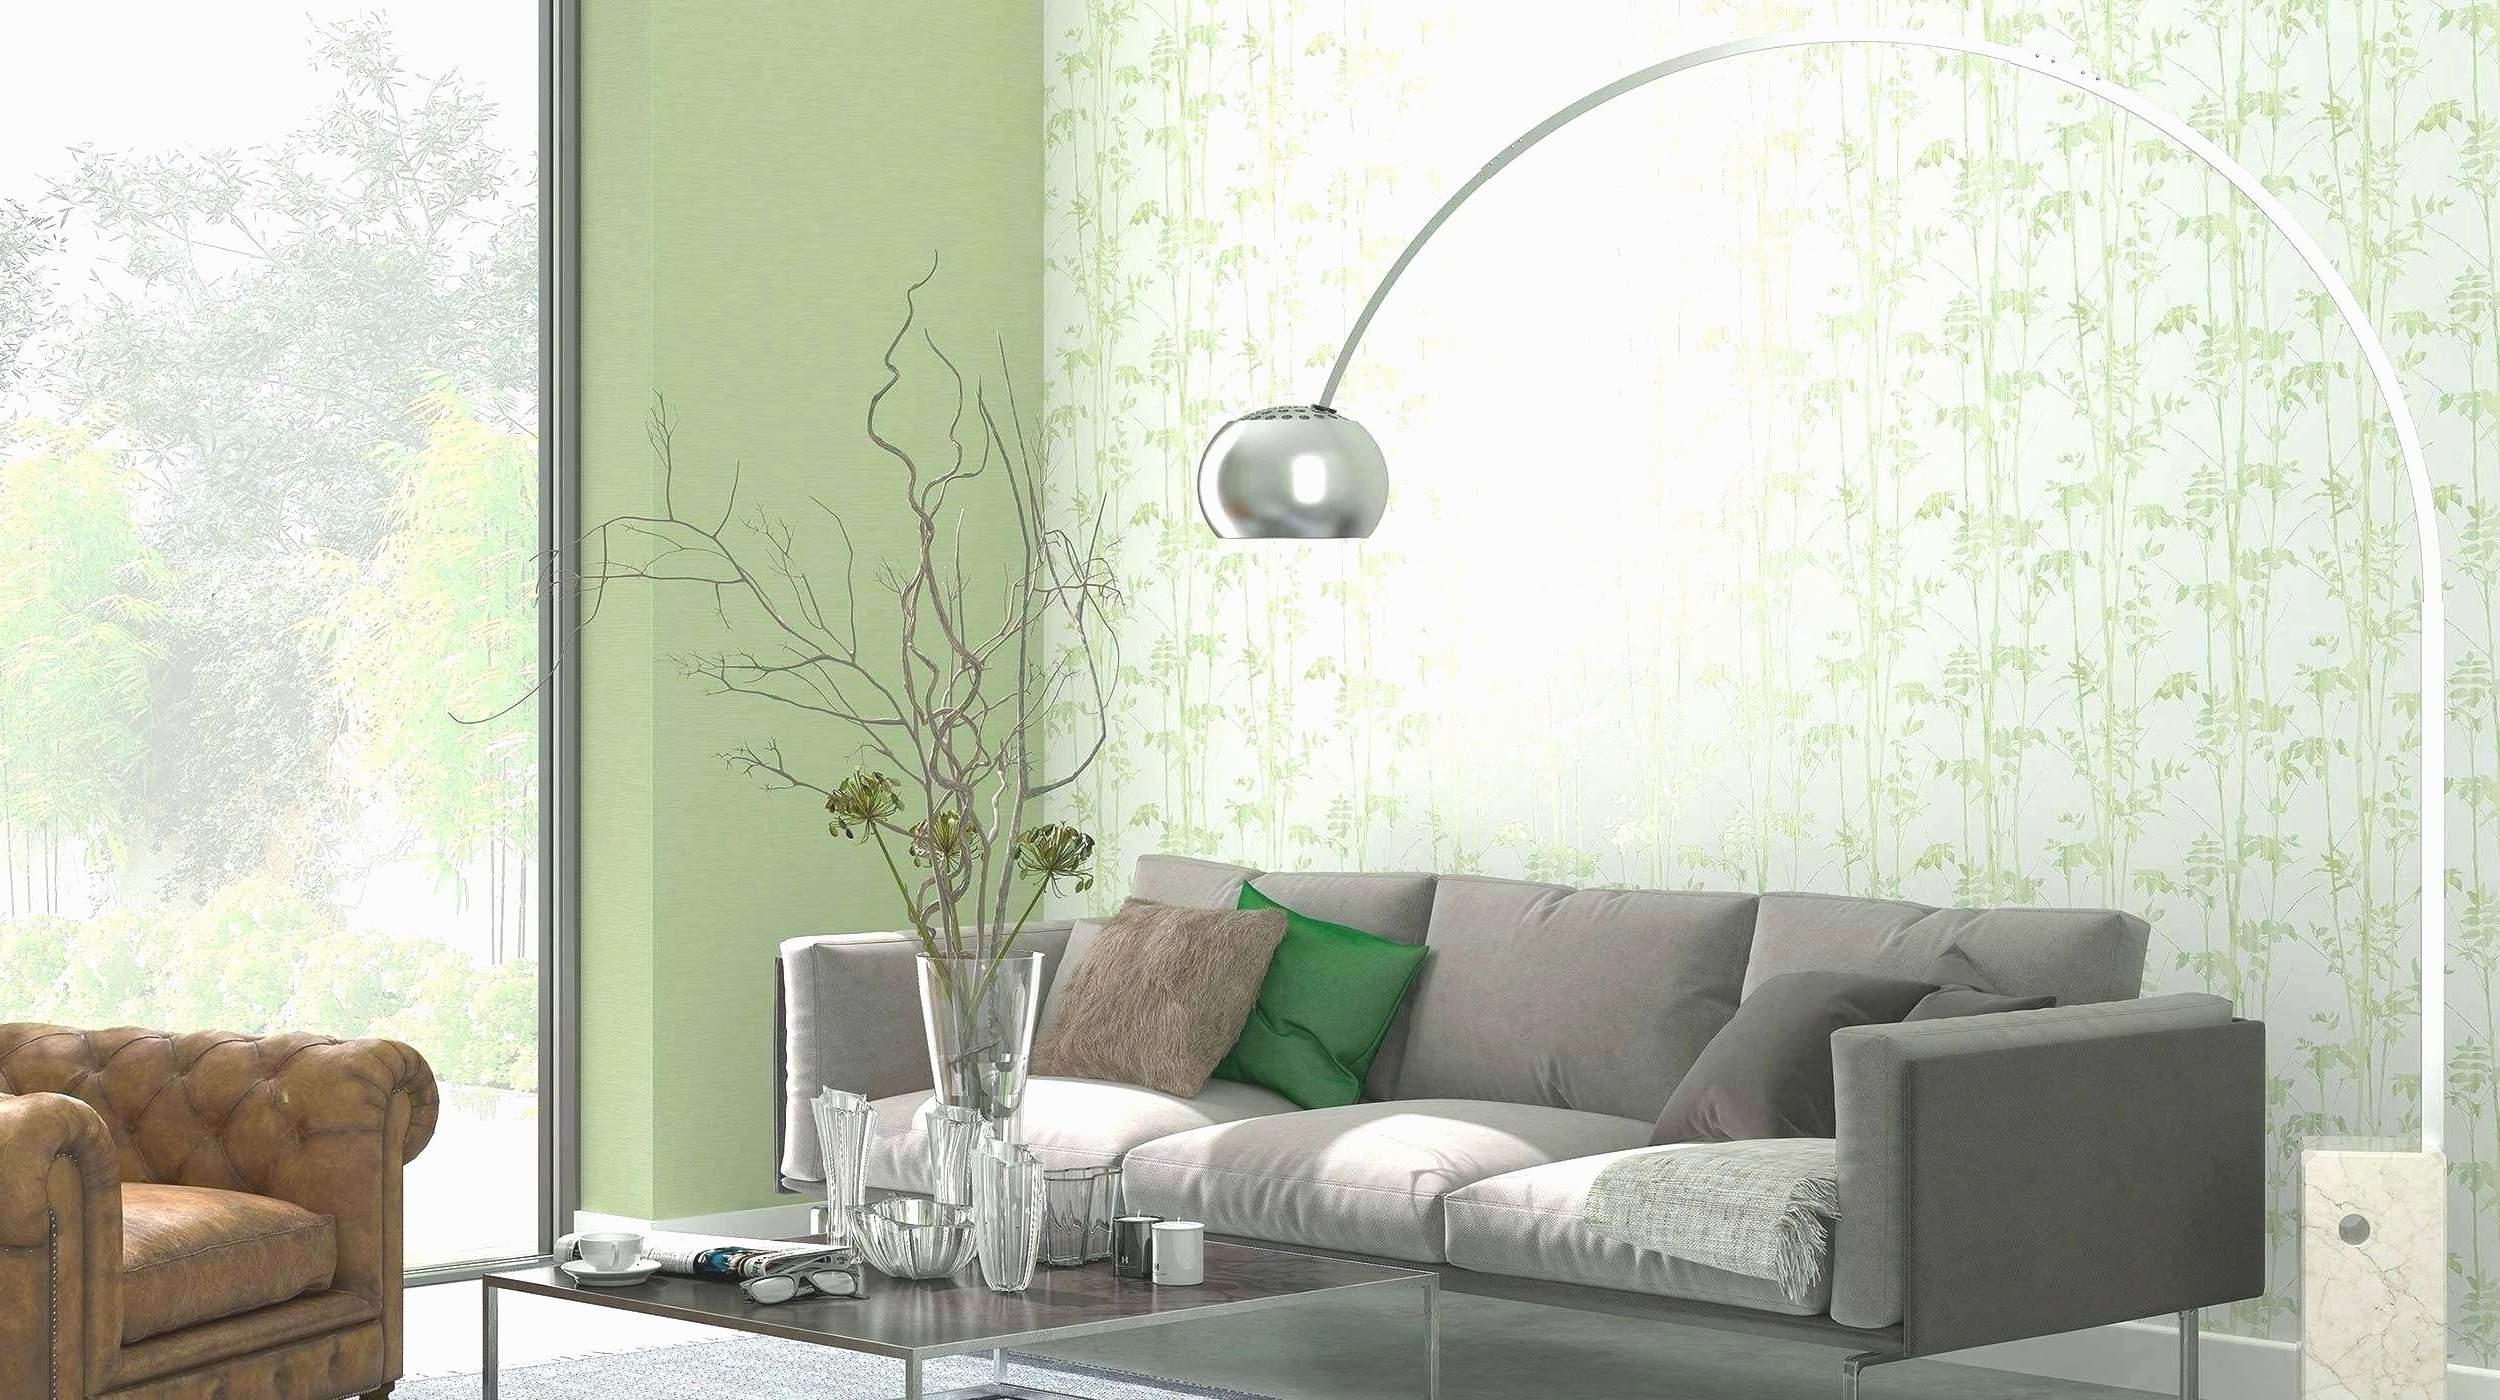 wanddekoration ideen wohnzimmer inspirierend wanddeko ideen wohnzimmer design sie mussen sehen of wanddekoration ideen wohnzimmer